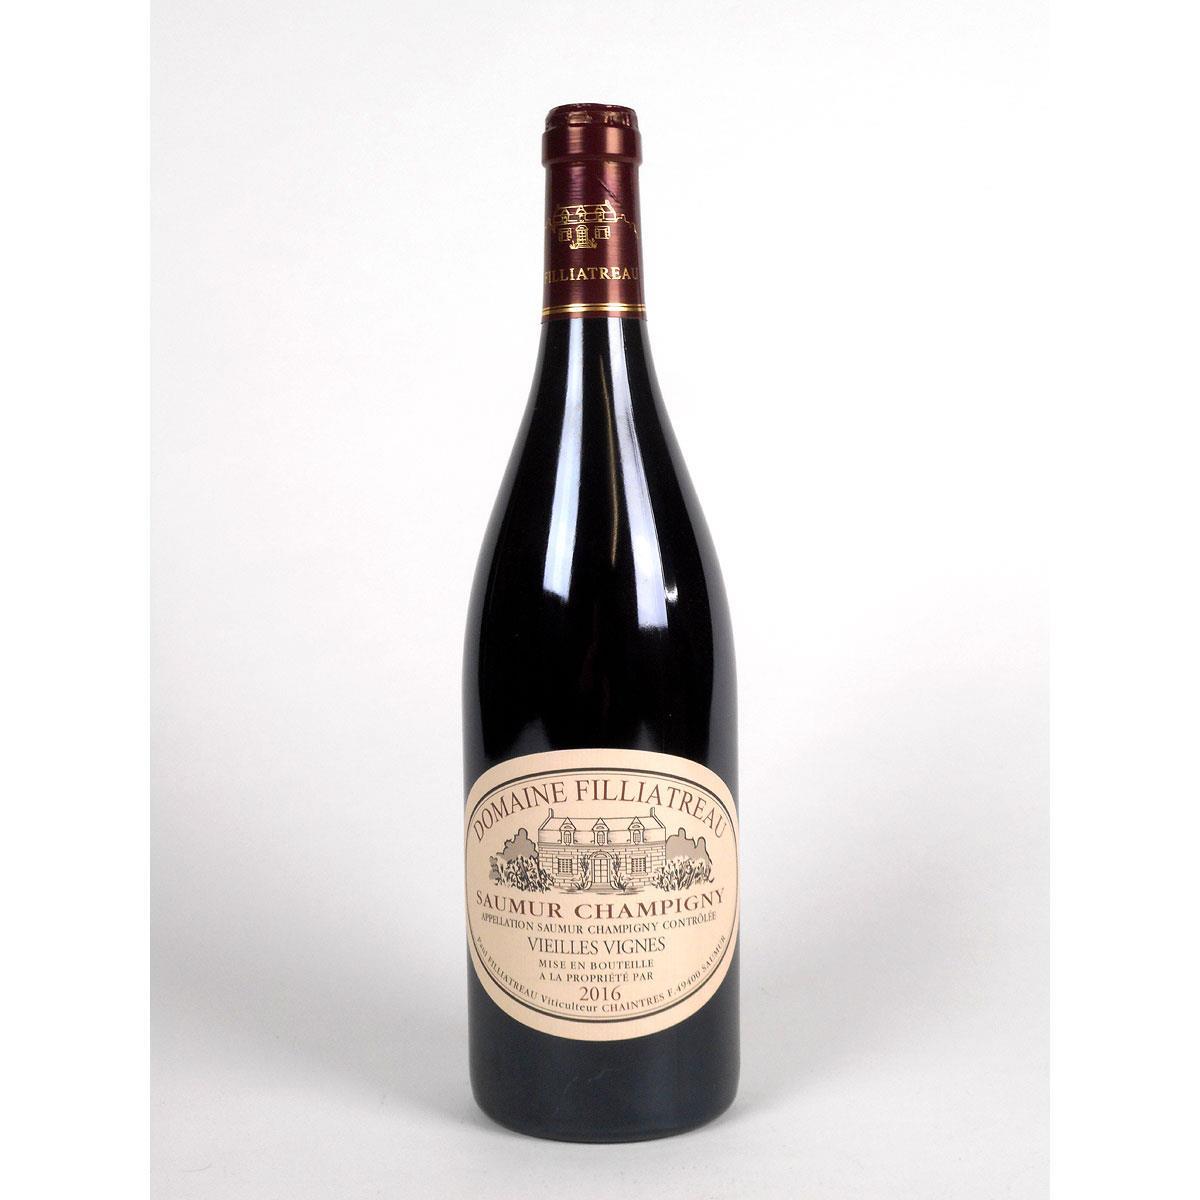 Saumur Champigny: Domaine Filliatreau 'Vieilles Vignes' 2016 - Bottle